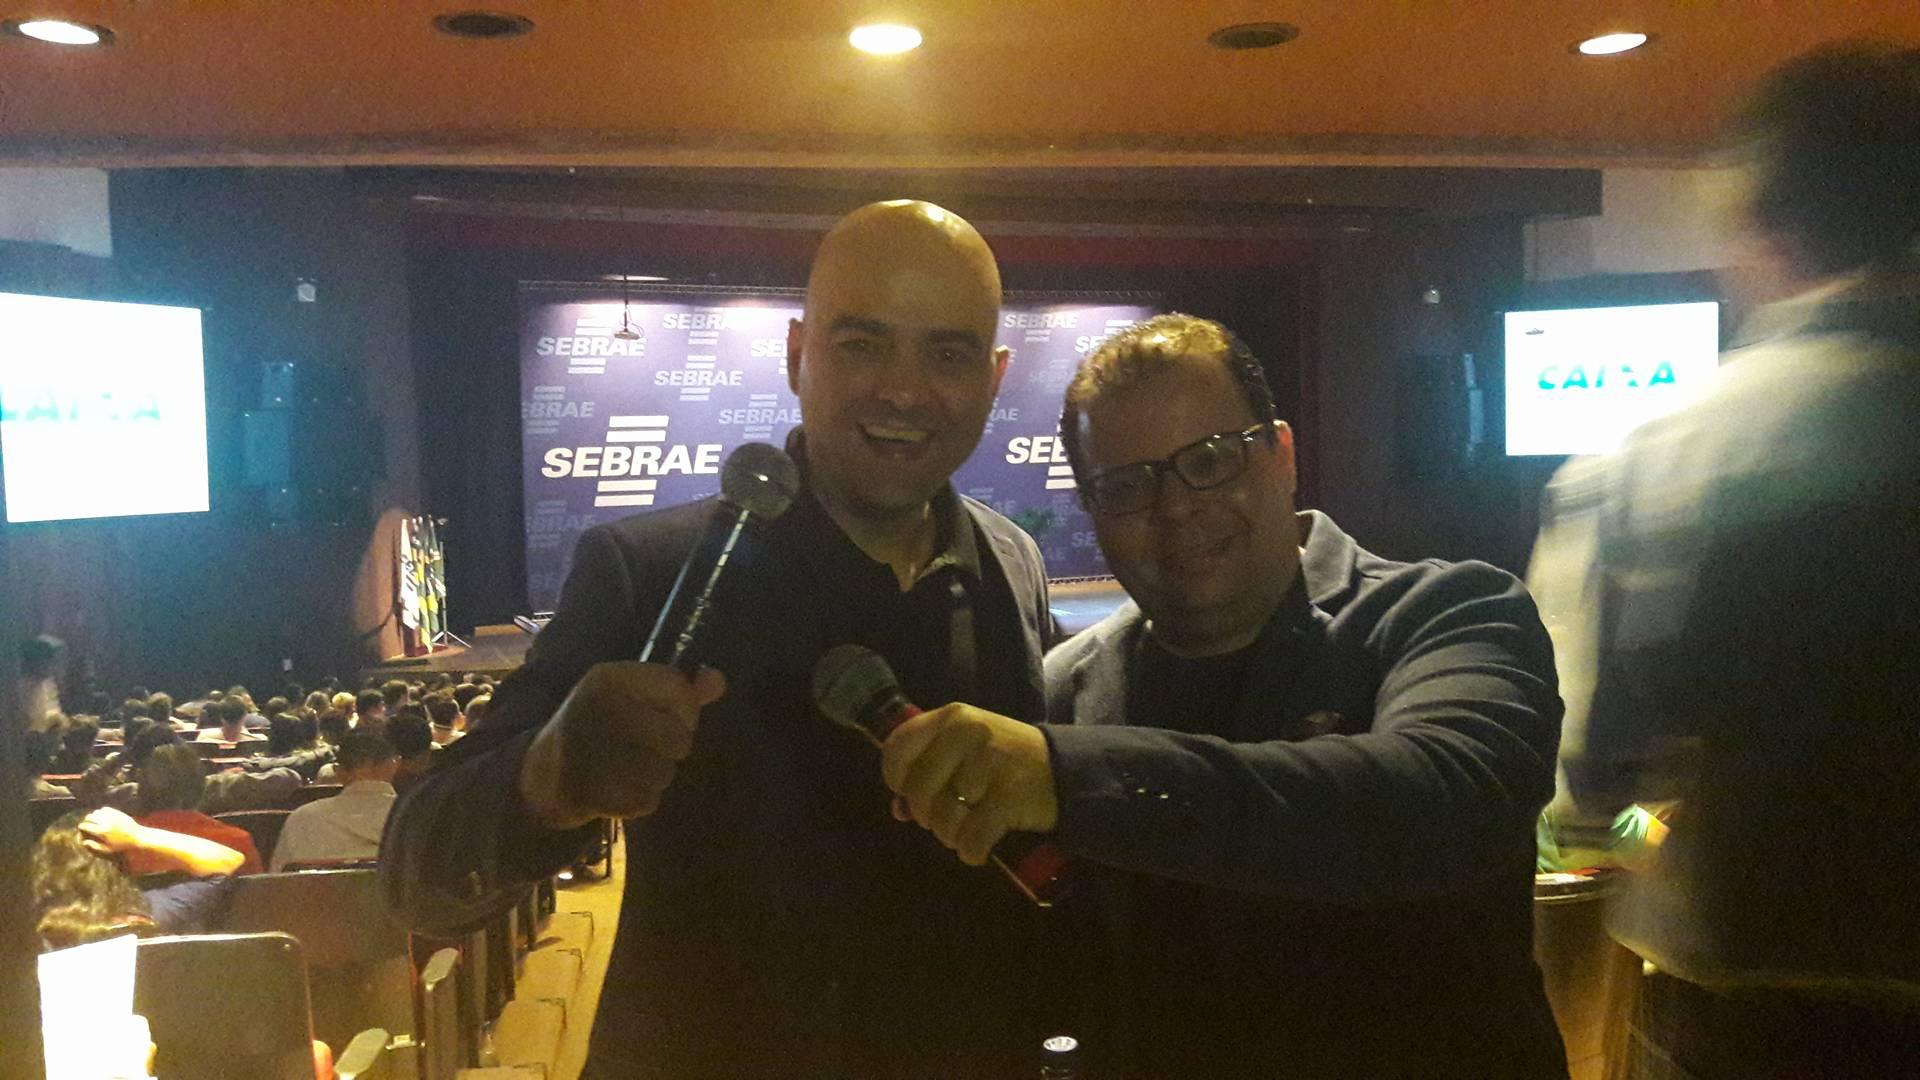 palestrantes Fred Rocha e Leandro Branquinho minutos antes de subirem ao palco